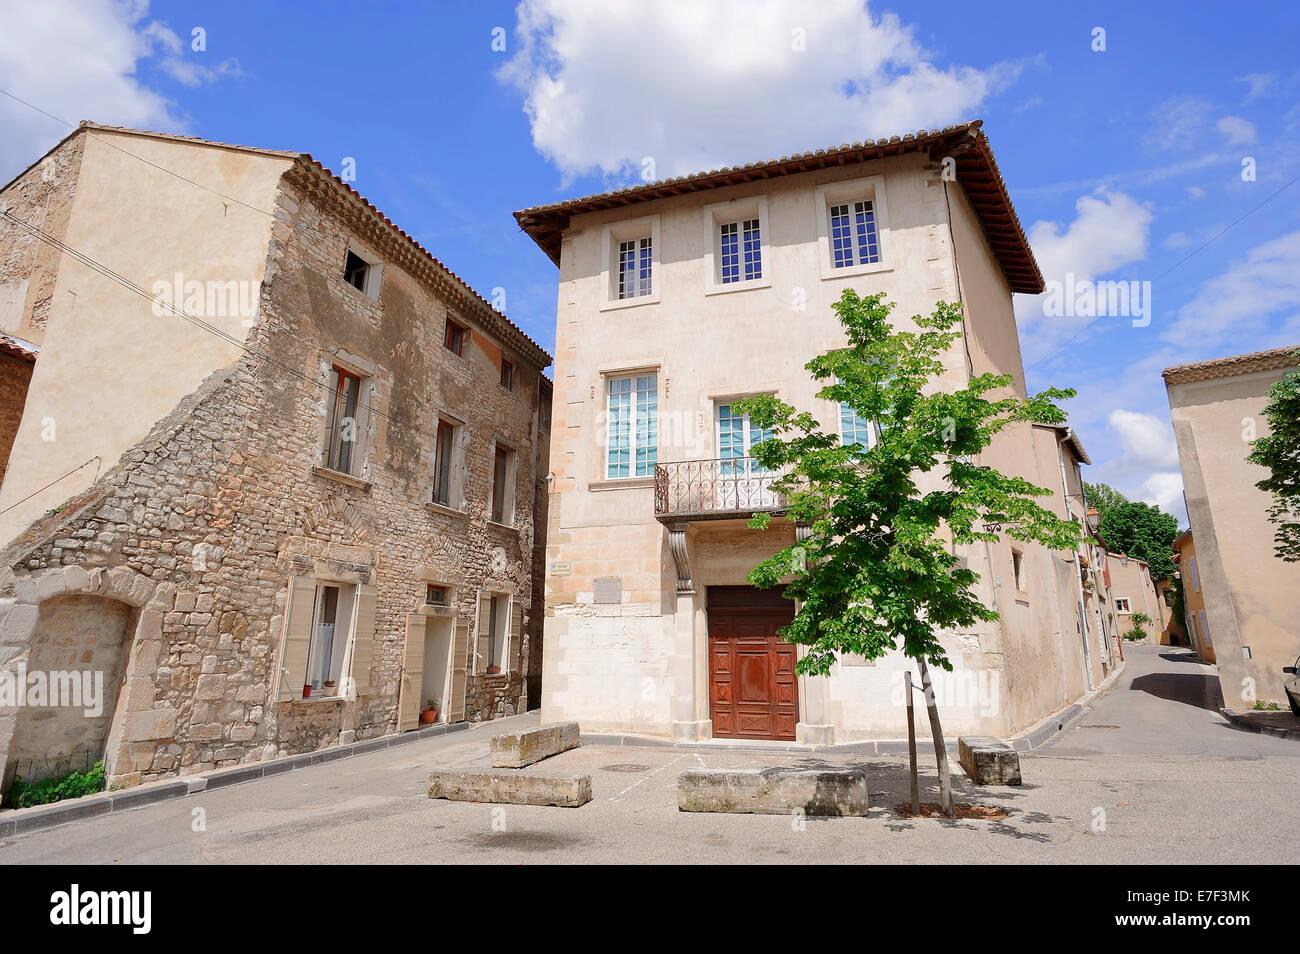 Maison Flechier, Tradiciones Comtadine Museum, Pernes-les-Fontaines, Vaucluse, Provence-Alpes-Côte d'Azur, Imagen De Stock